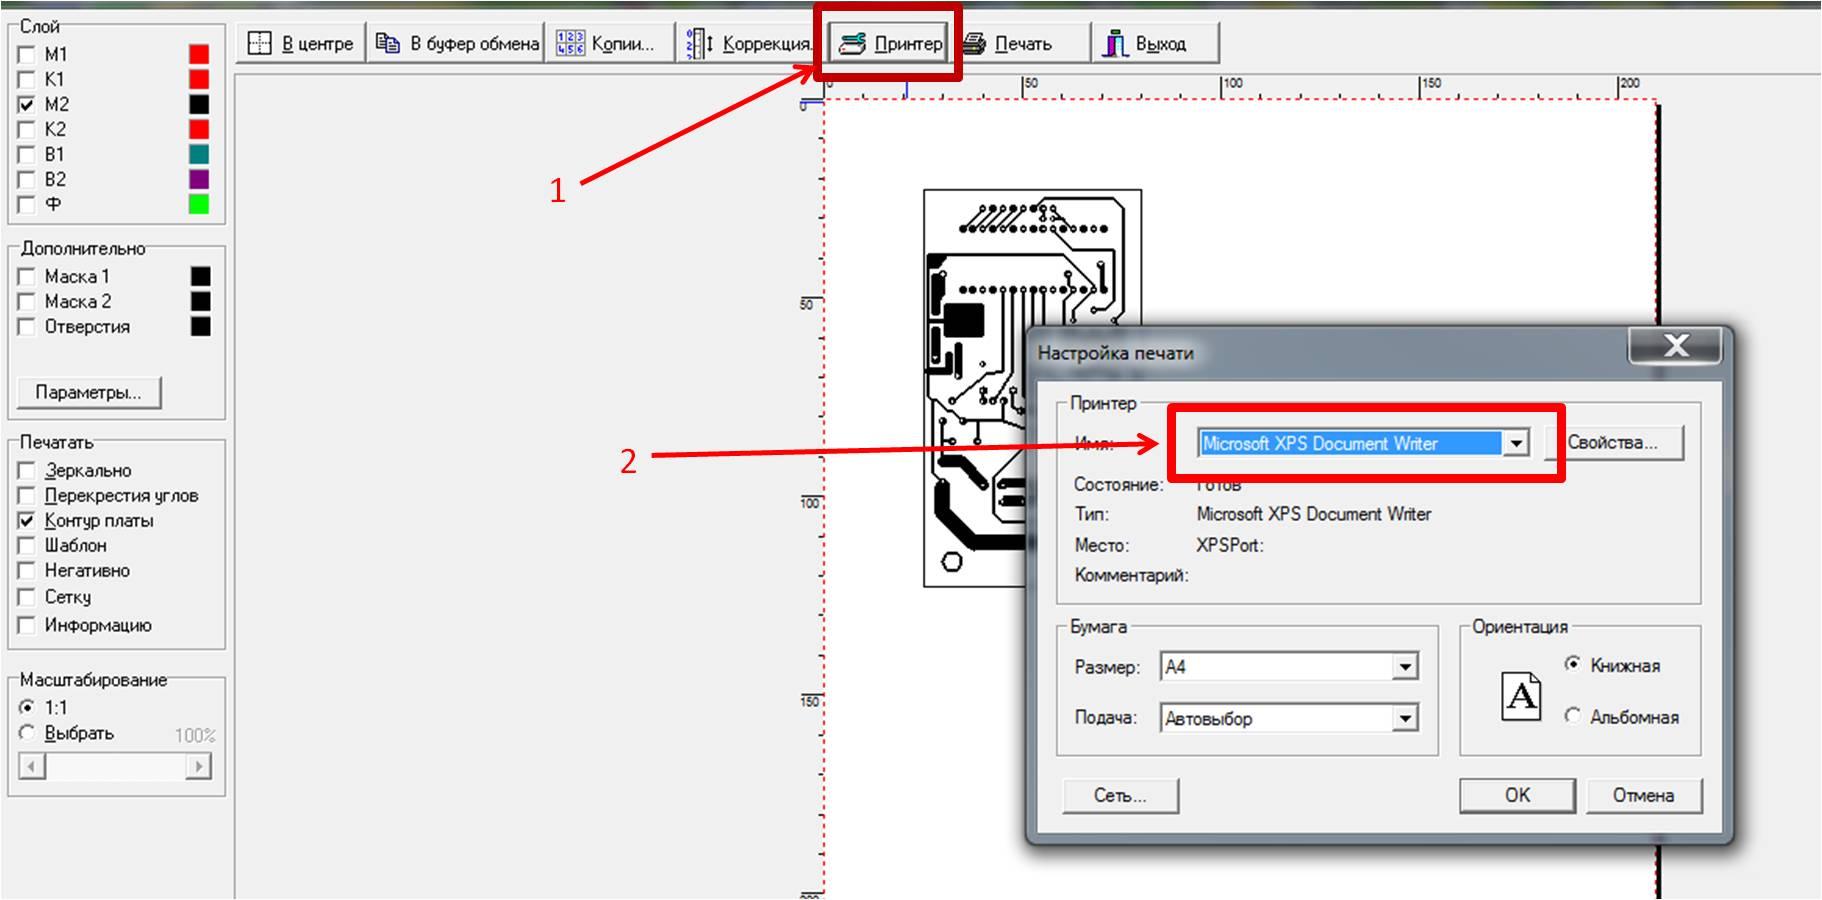 Как распечатать текст с компьютера на принтере - m 63